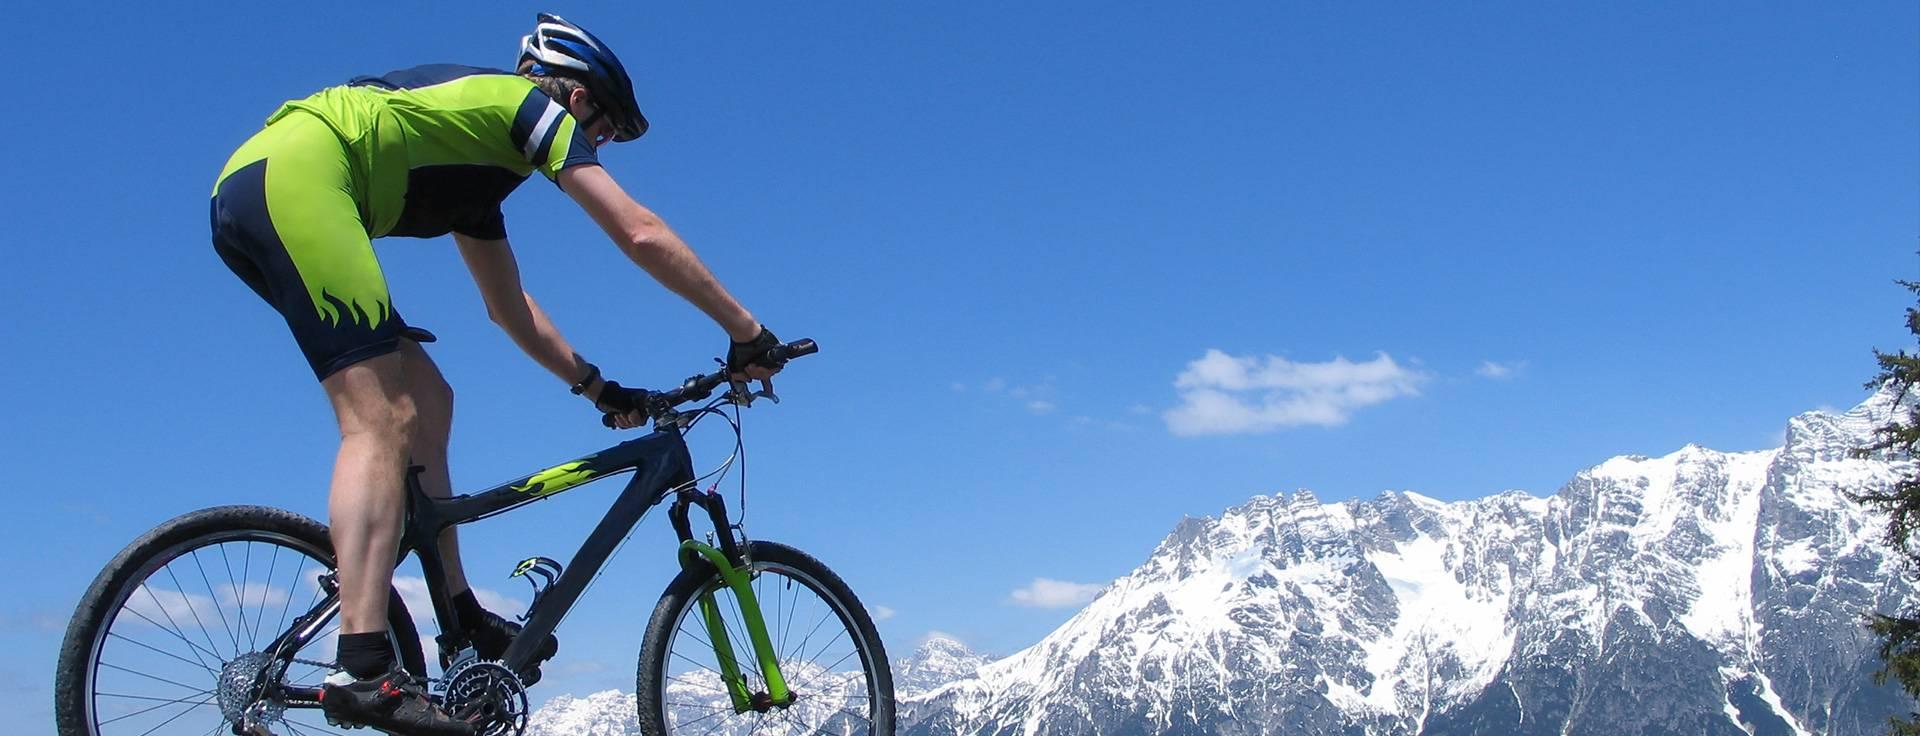 Ποδήλατα Βουνού - Bikemall